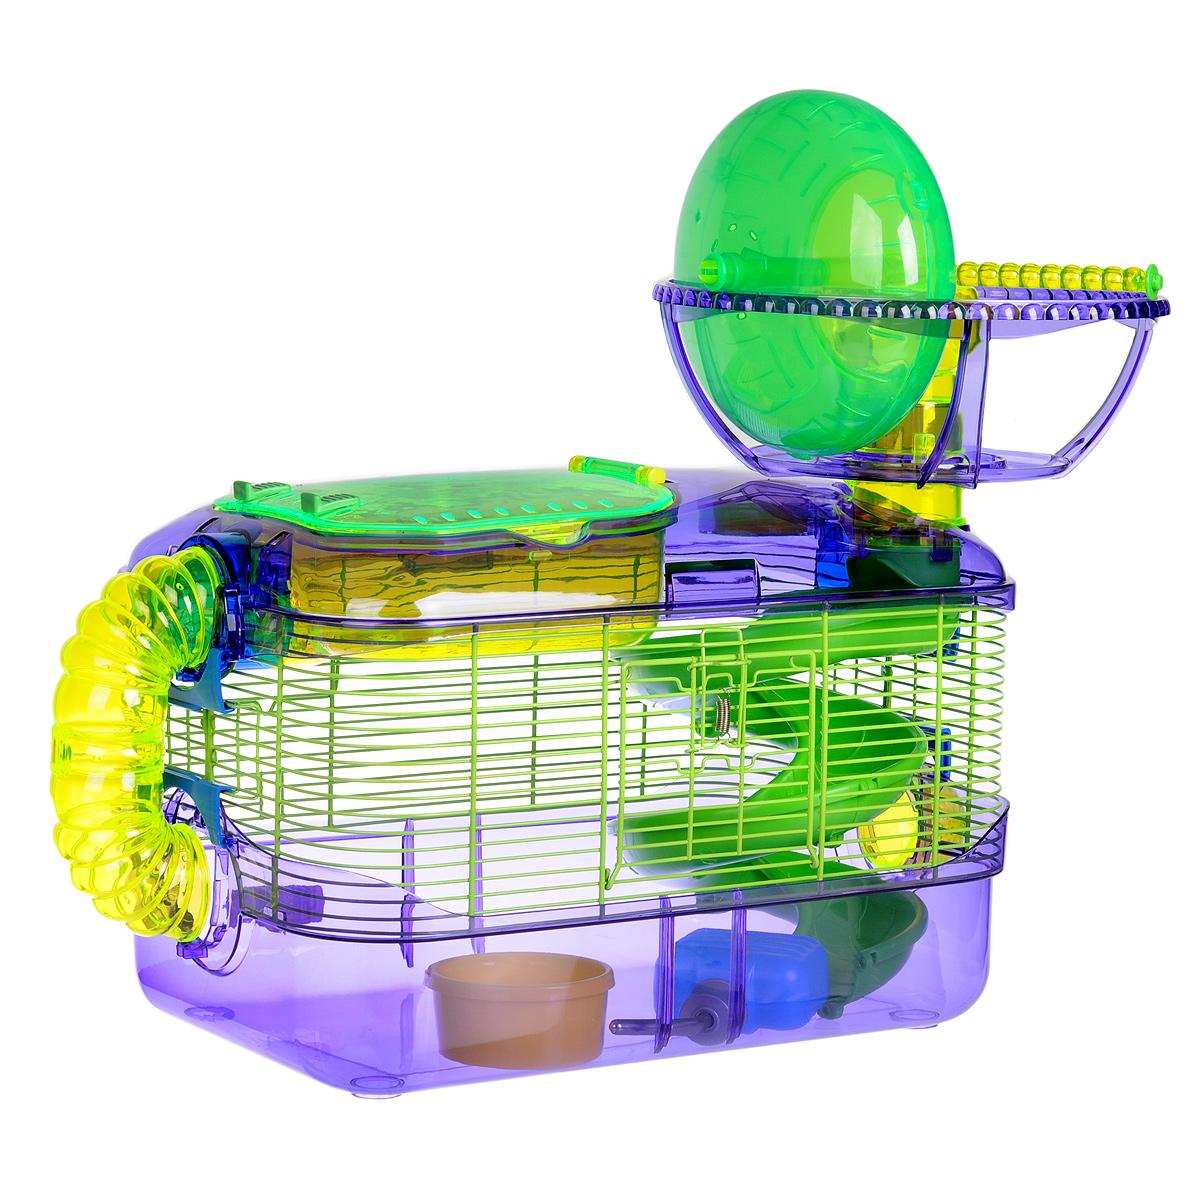 Клетка для грызунов I.P.T.S. X-treme, с игровым комплексом, 54 см х 32 см х 46 см0120710Просторная клетка для грызунов I.P.T.S. X-treme будет служить домом и одновременно местом для экстремальных развлечений. Лабиринты, разные уровни, колесо для упражнений, специальная труба для передвижения - все это позволит грызуну всегда оставаться в хорошей физической форме. Клетка снабжена кормушкой и поилкой. Такая клетка станет уединенным личным пространством и уютным домиком для маленького грызуна.